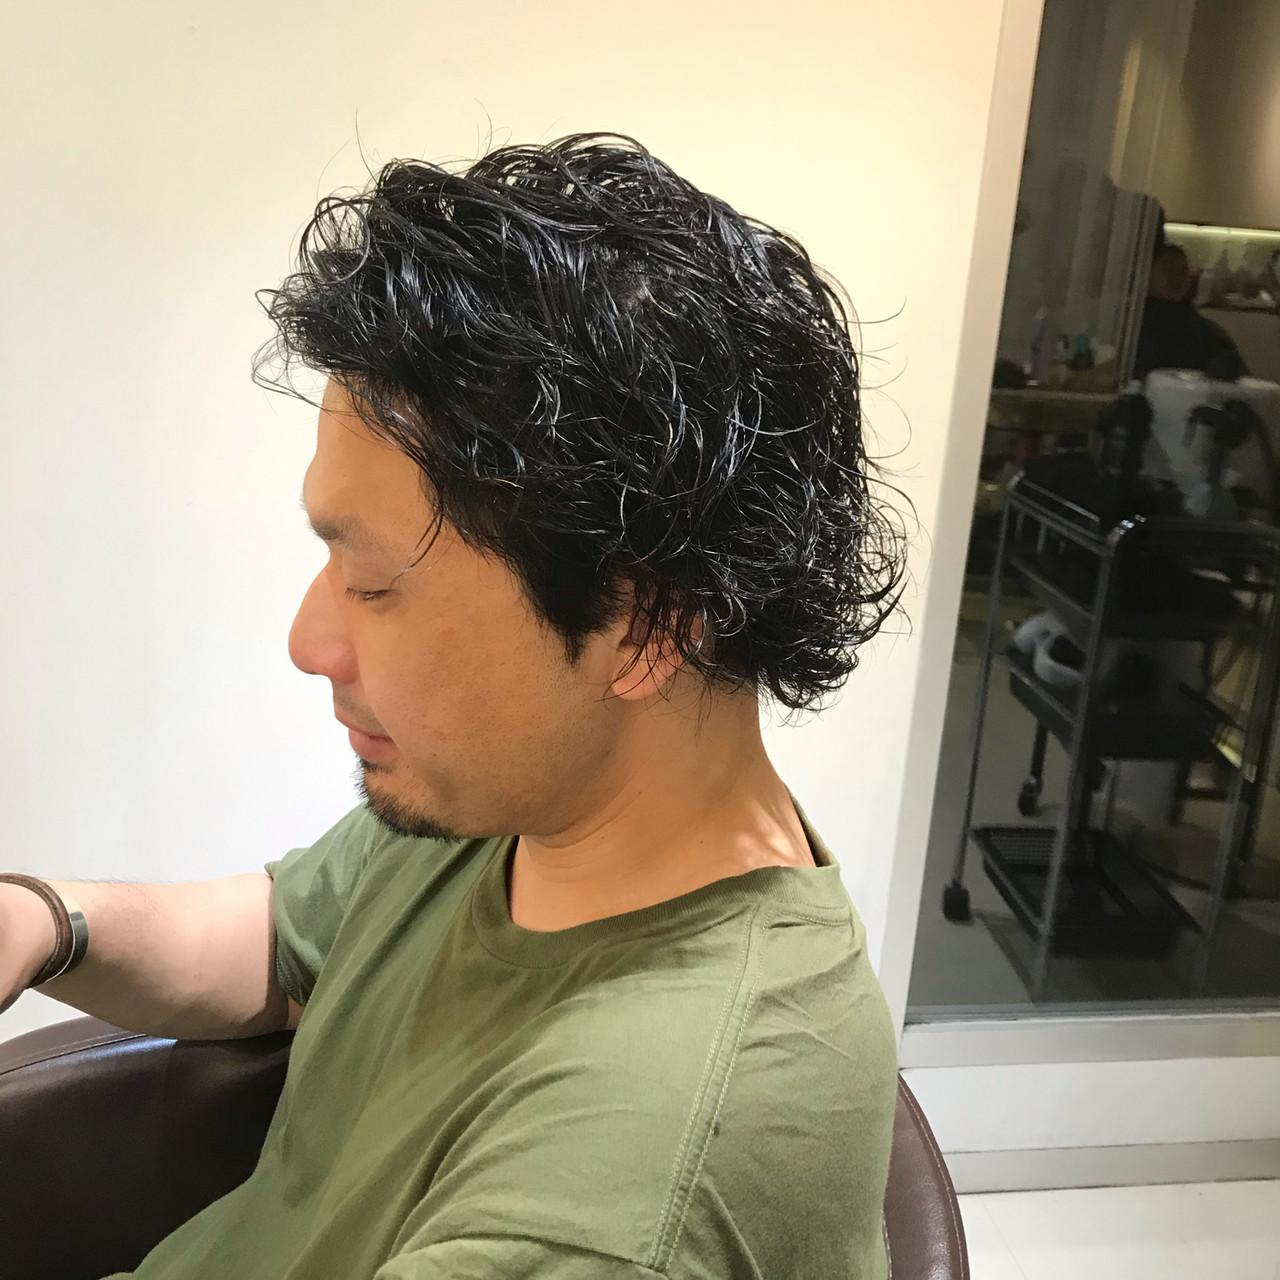 黒髪 パーマ メンズパーマ ショート ヘアスタイルや髪型の写真・画像